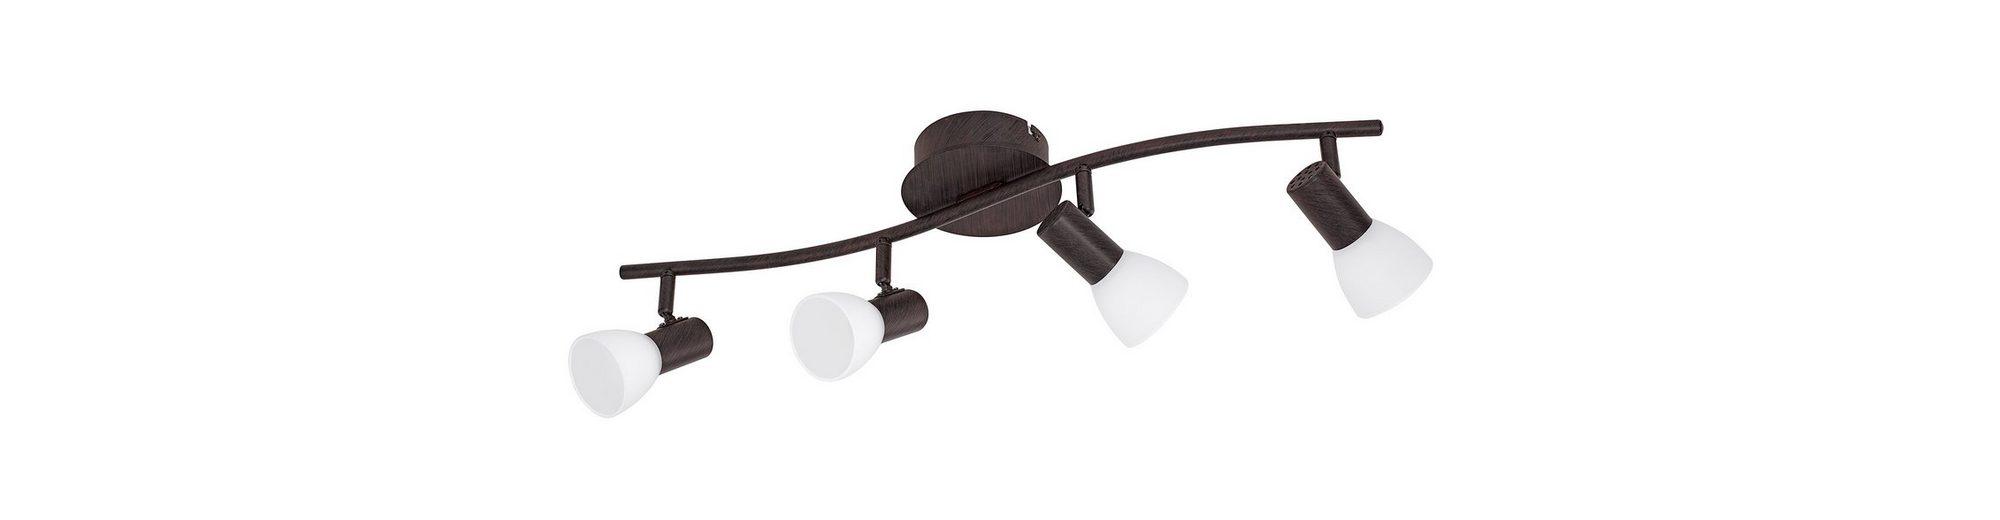 Eglo LED-Deckenleuchte, 4flg., »DAKAR5«